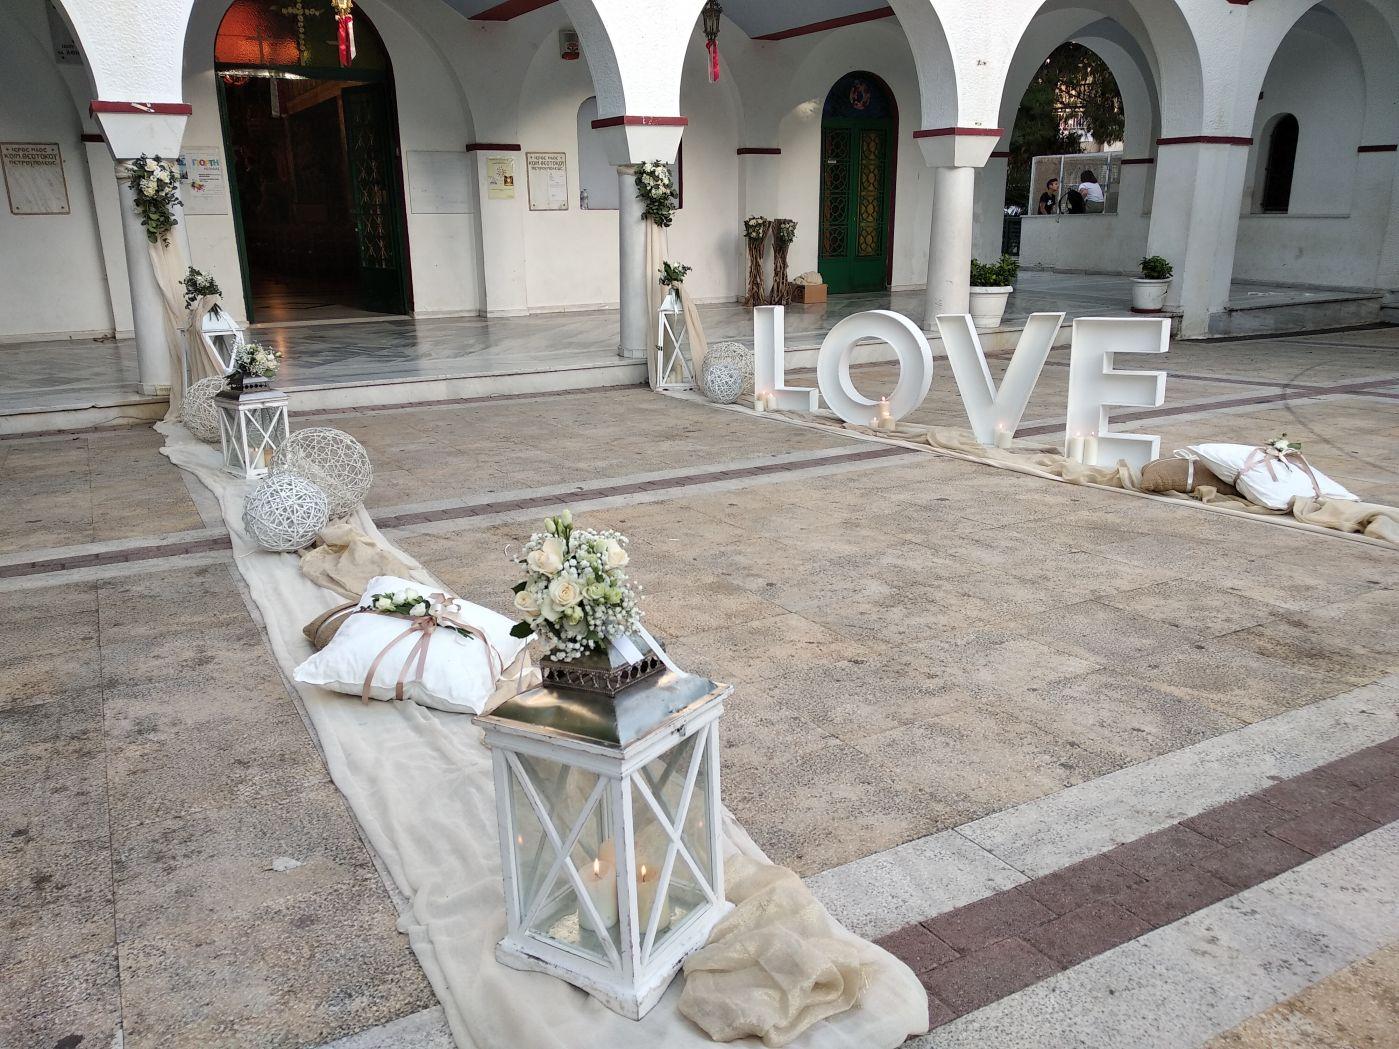 stolismos-gamou-lepetitprince-petroupoli-love (2)